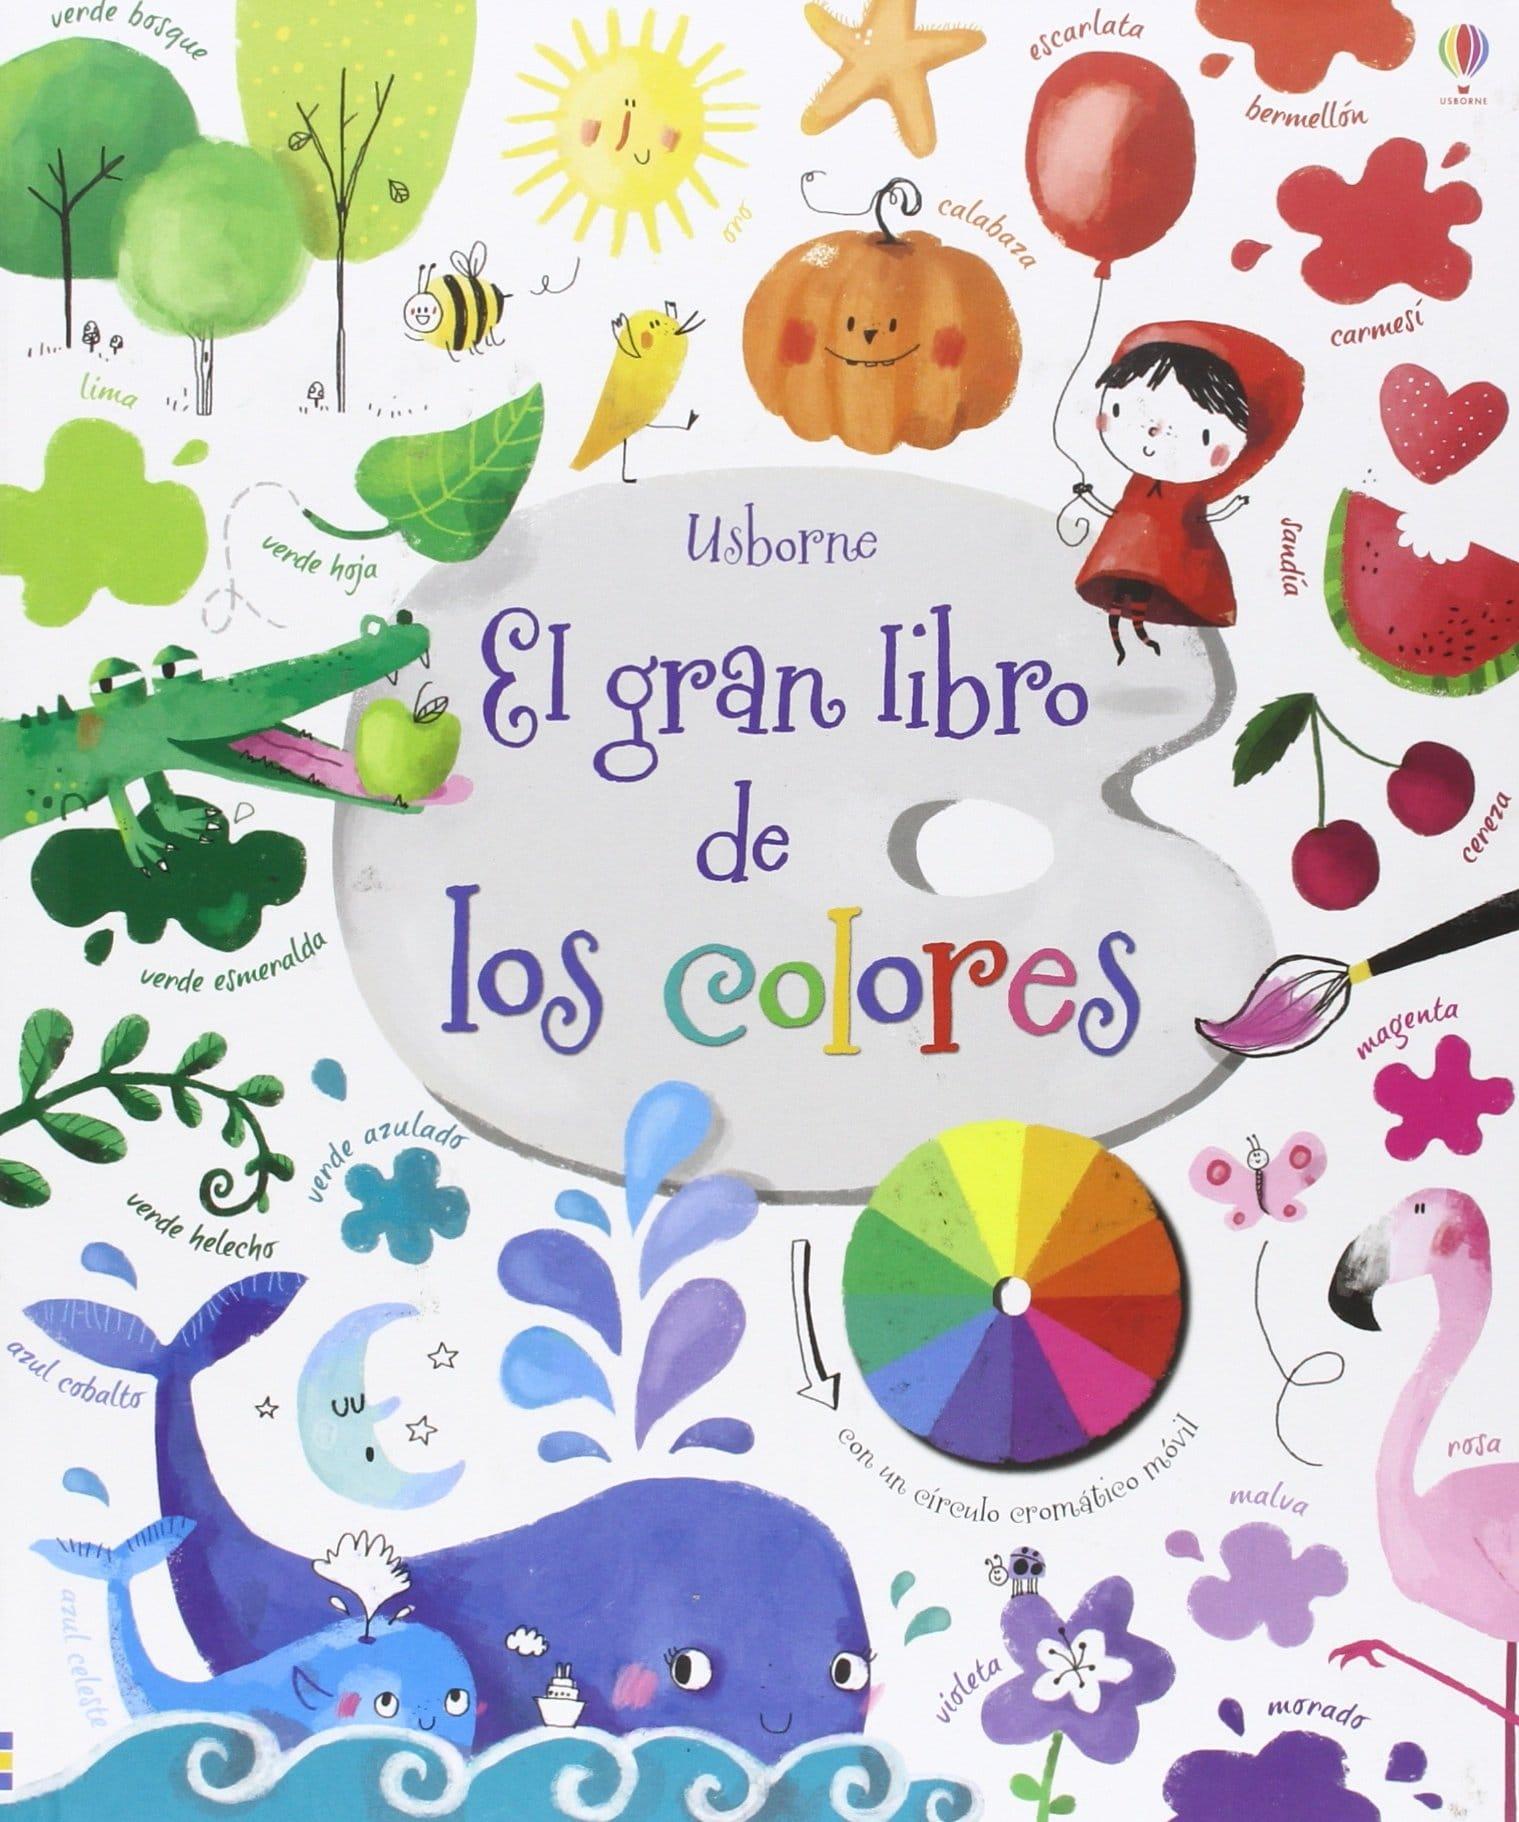 El gran libro de los colores - Usborne